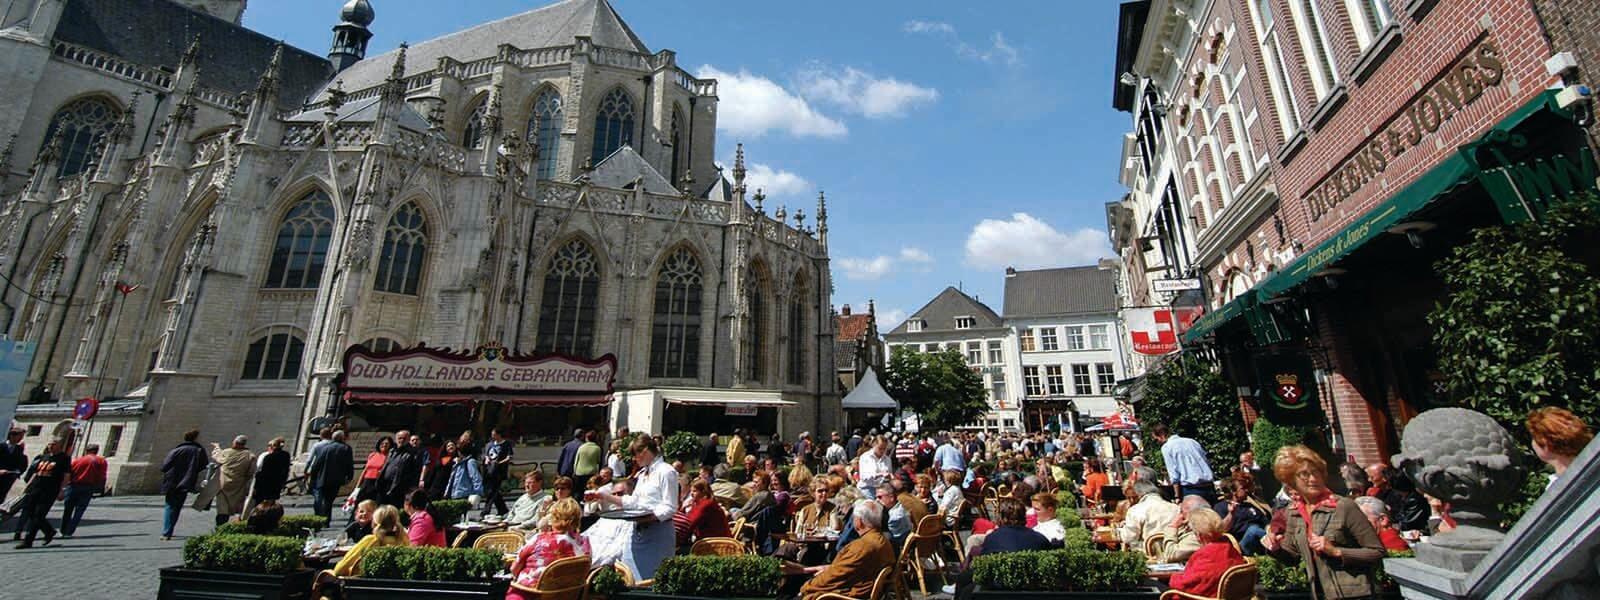 Header Breda city